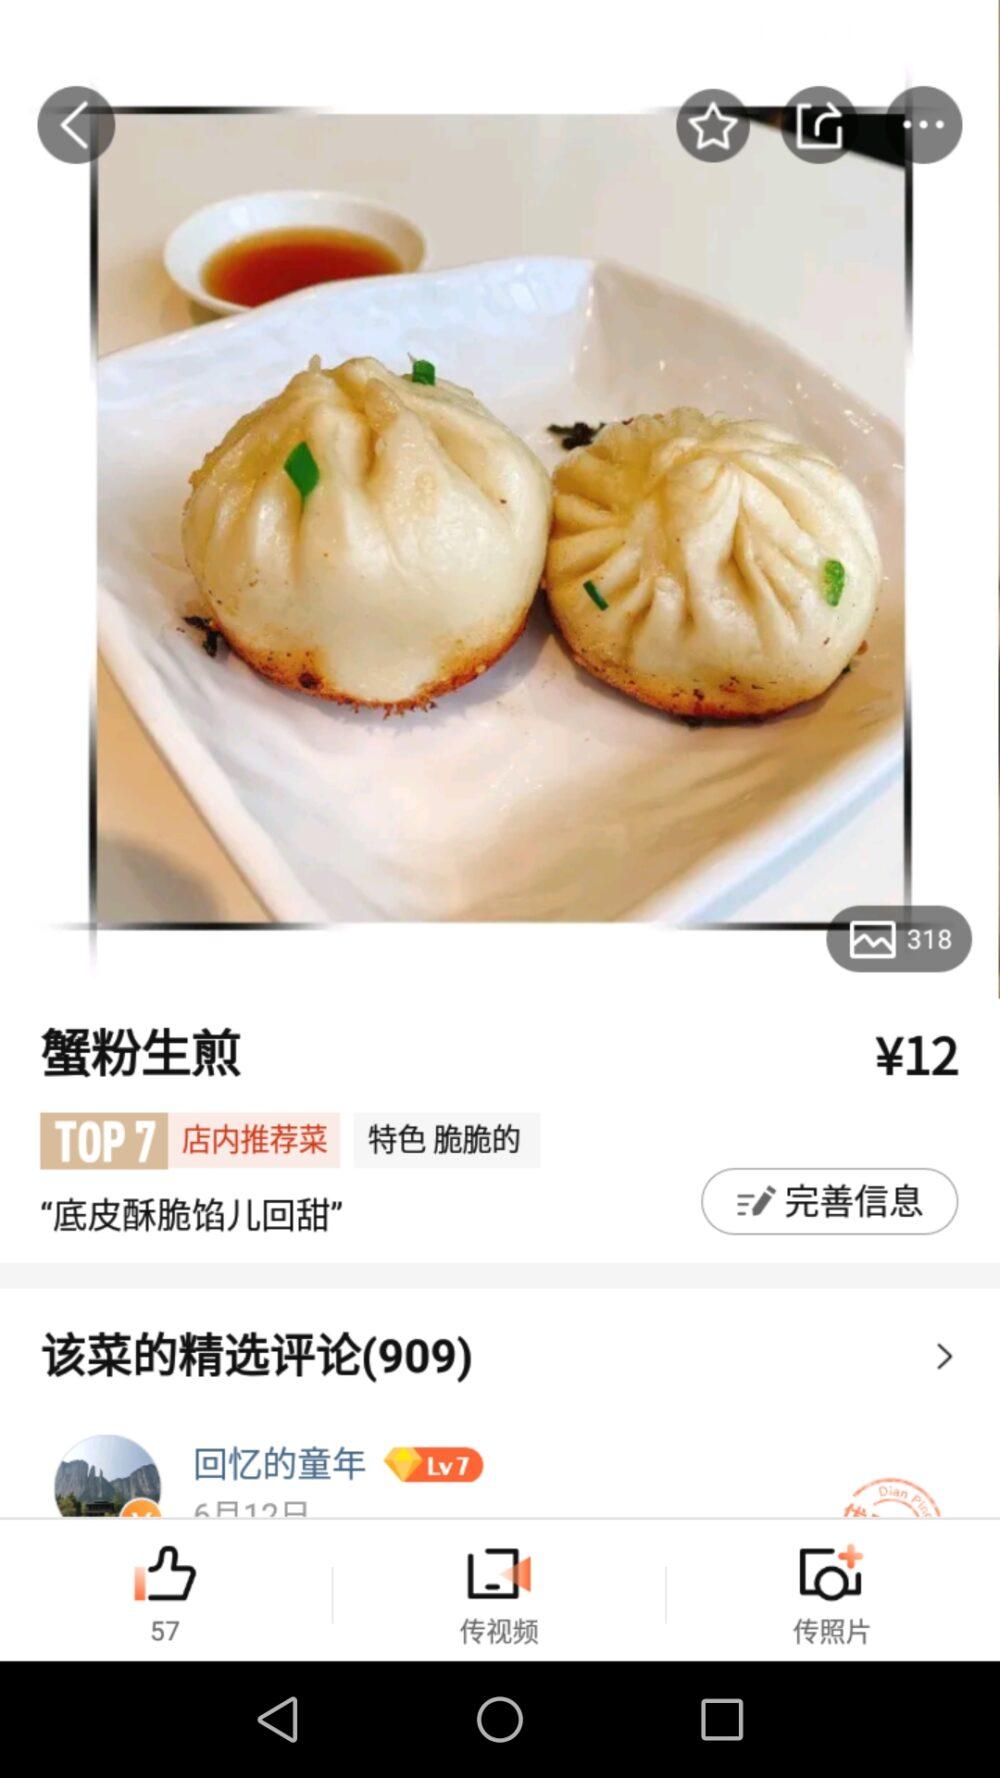 光明邨大酒家で私がおすすめの「蟹粉生煎」をスクショした写真